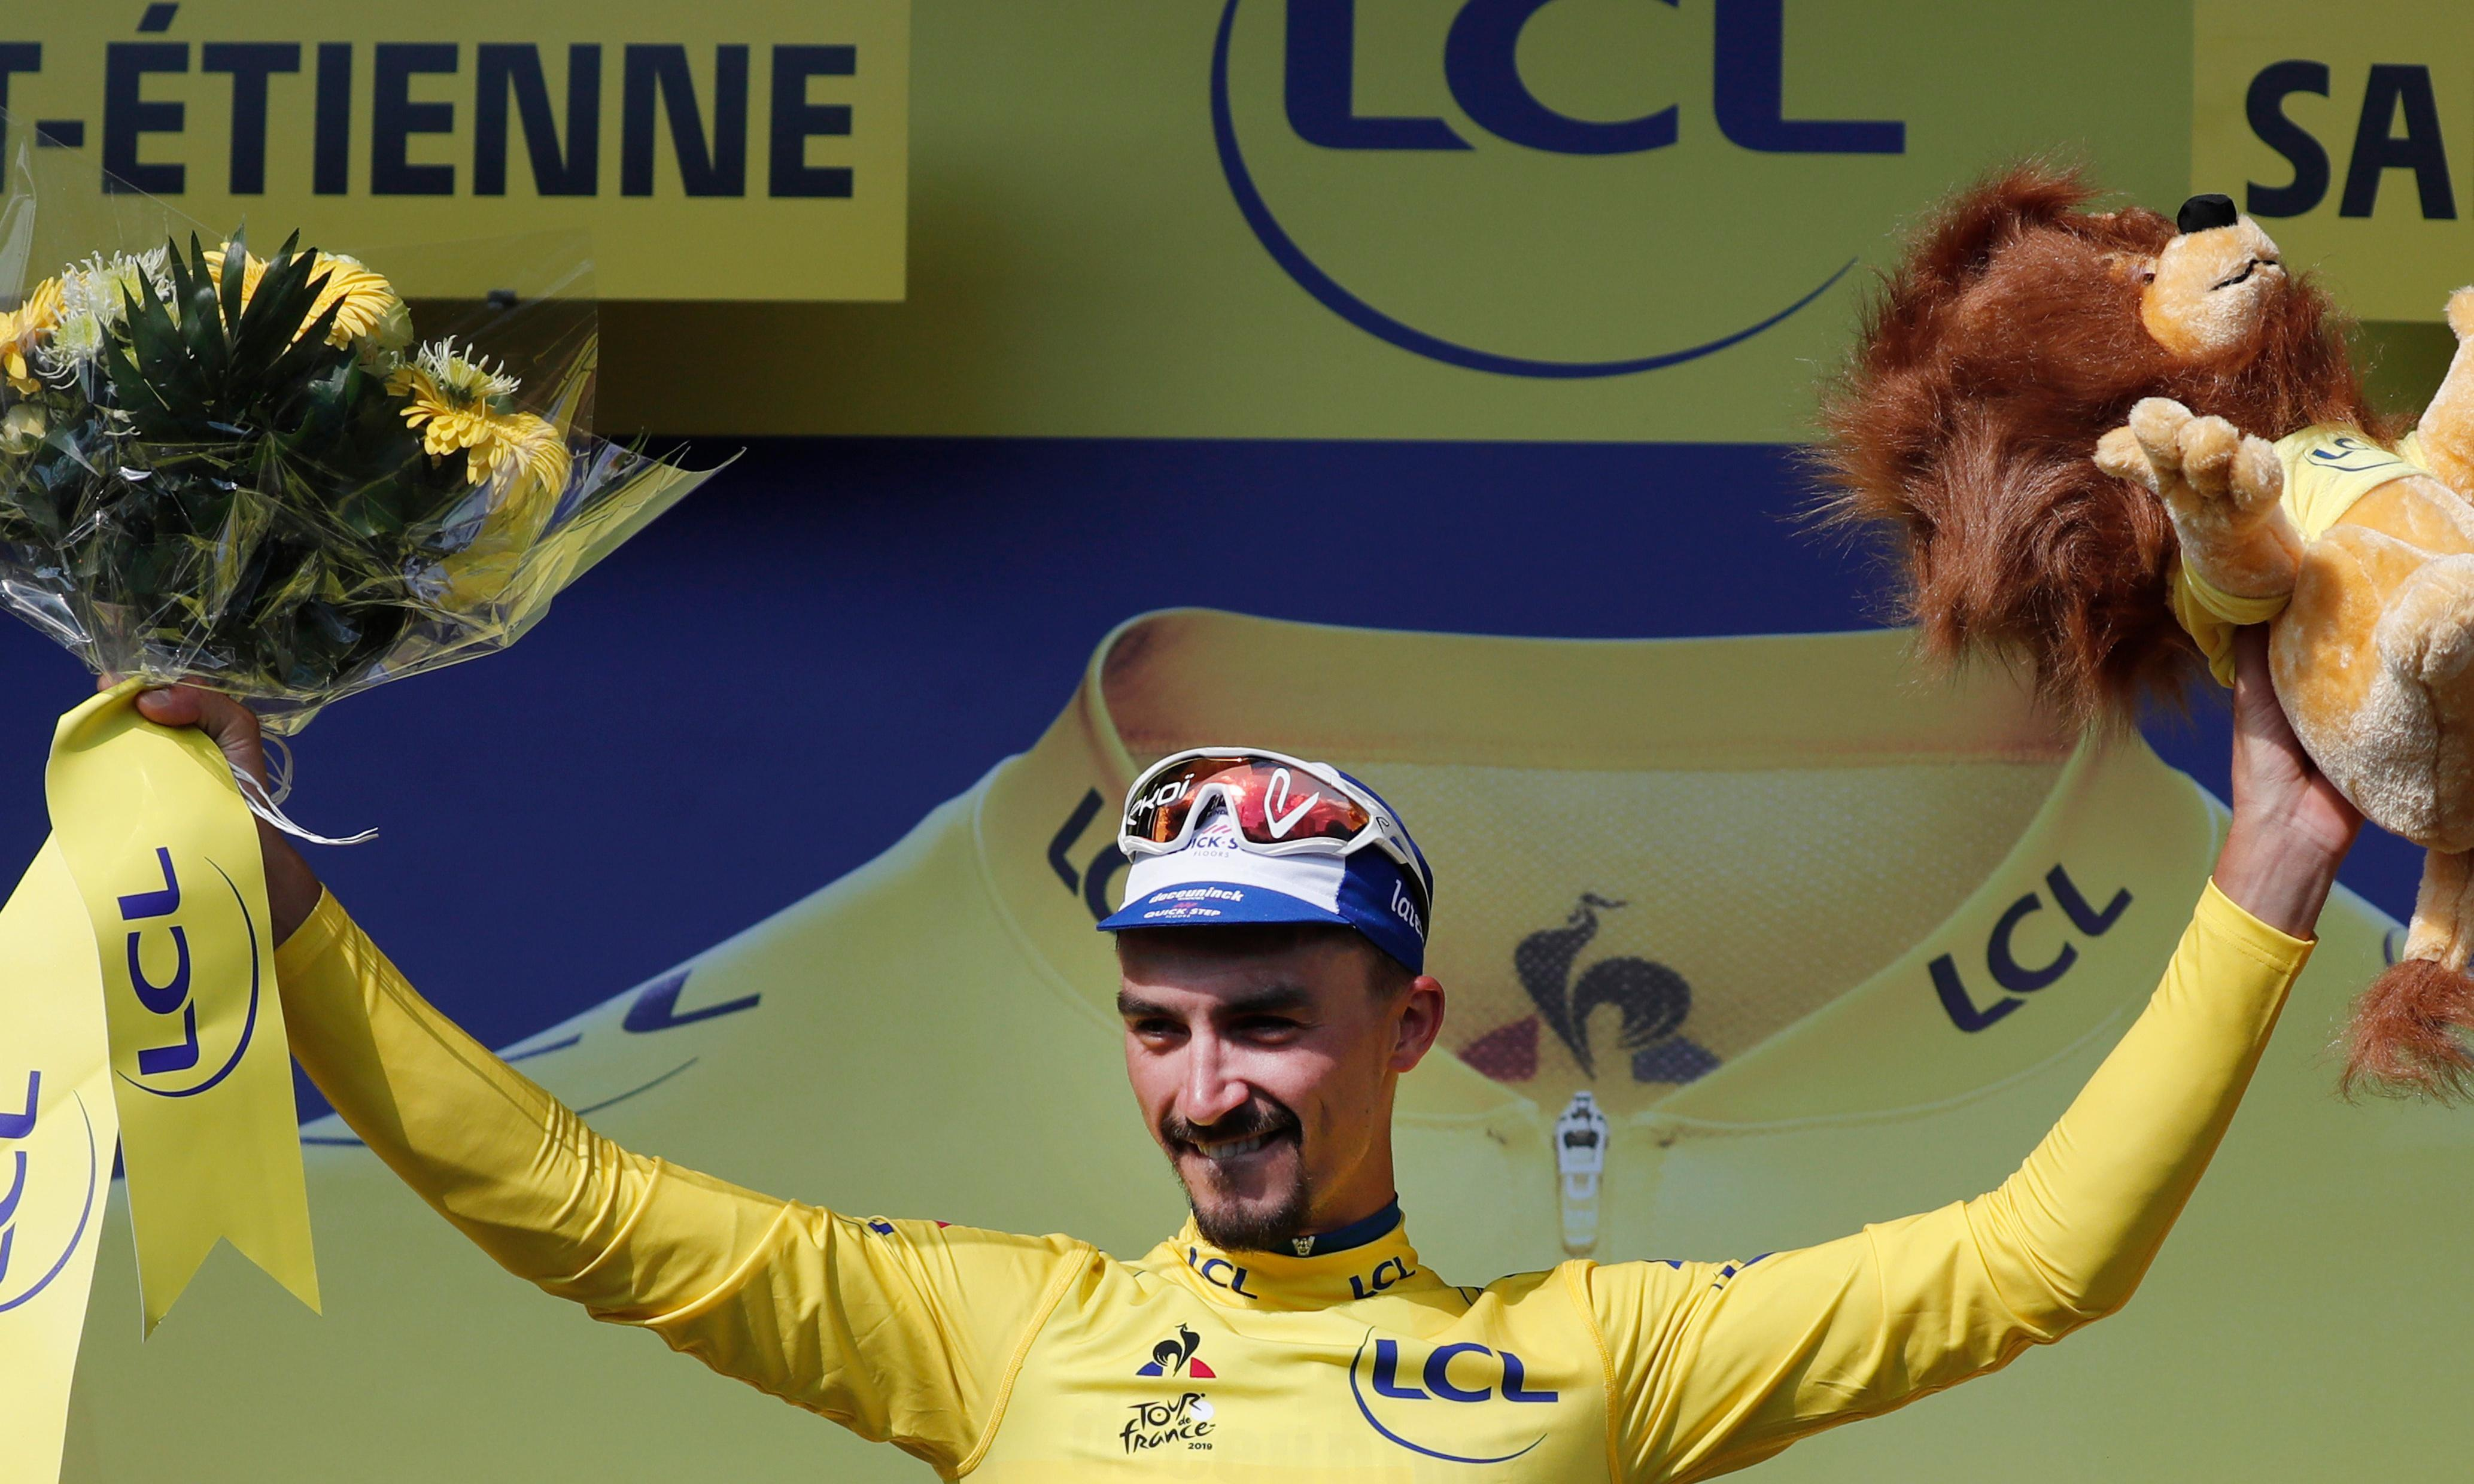 Geraint Thomas battles back after suffering second Tour de France crash